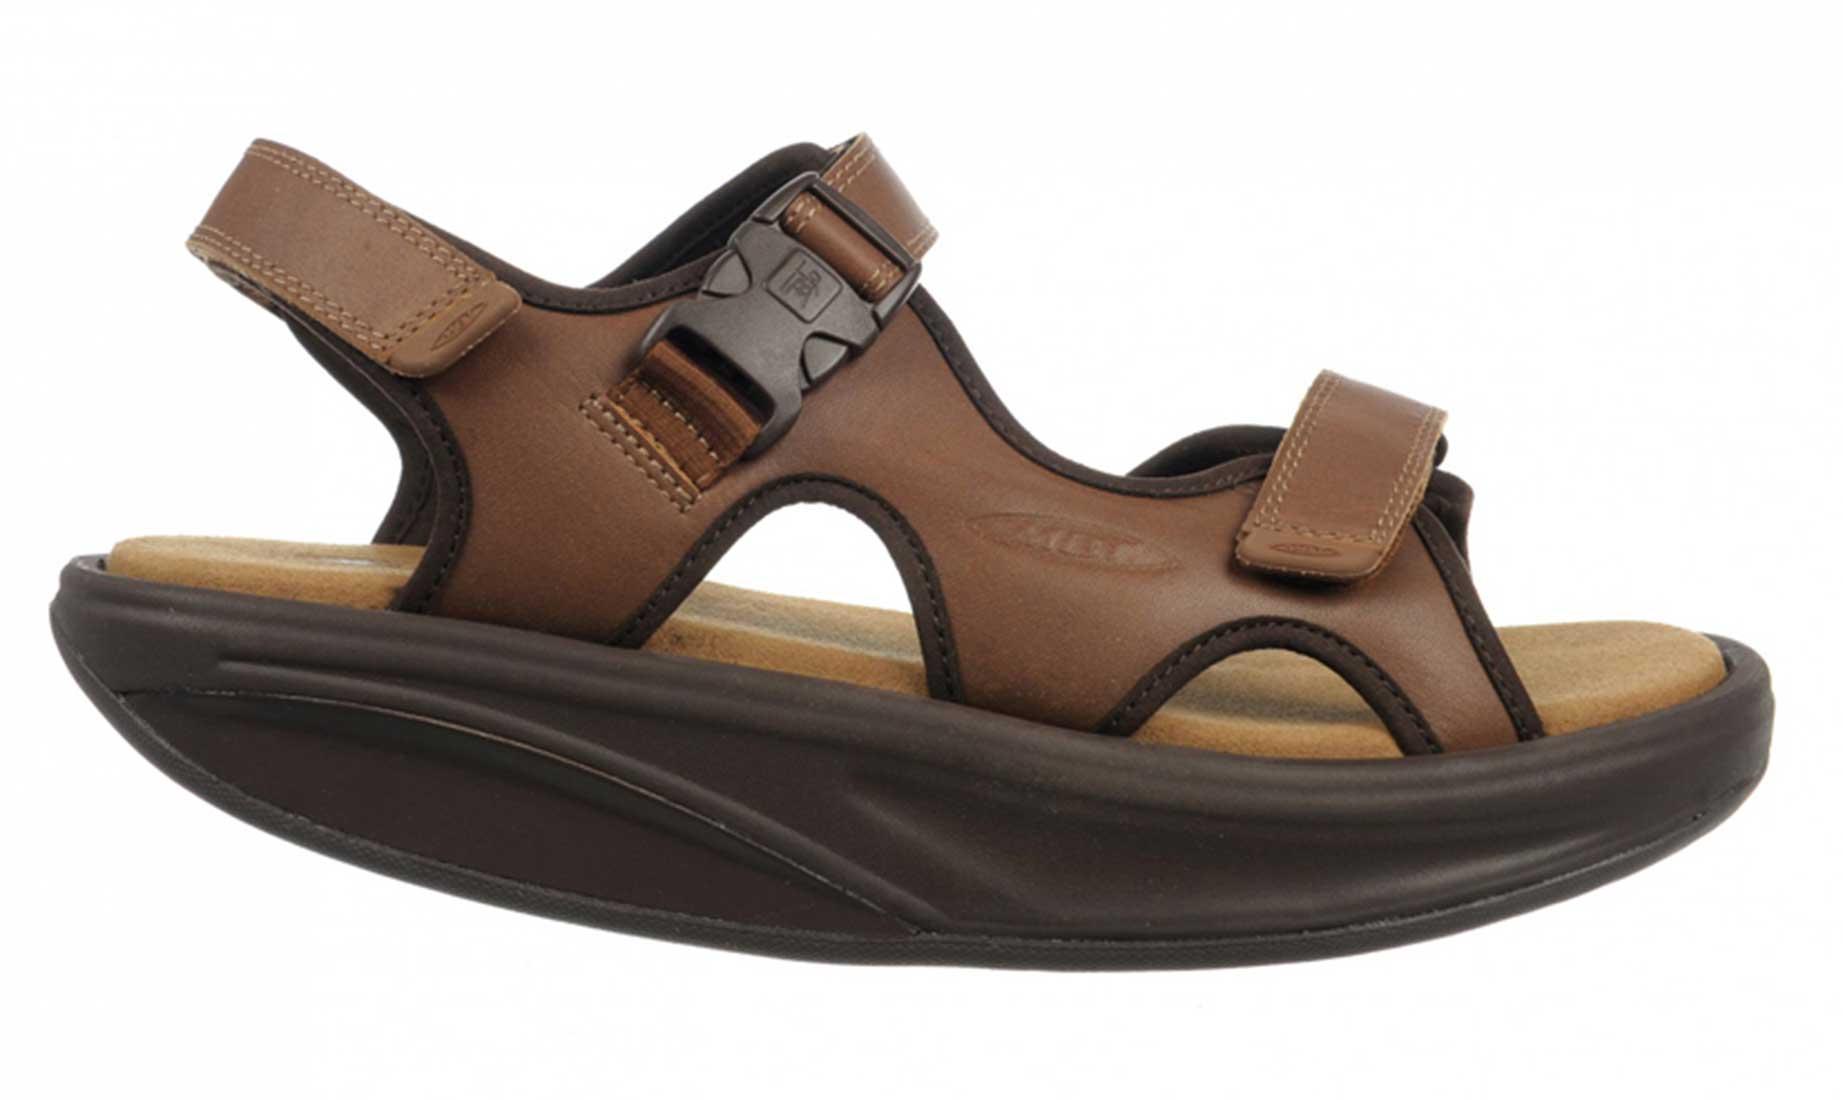 43a1c804d1e9 MBT Shoes Men s Kisumu 3S Sandal - Moderate